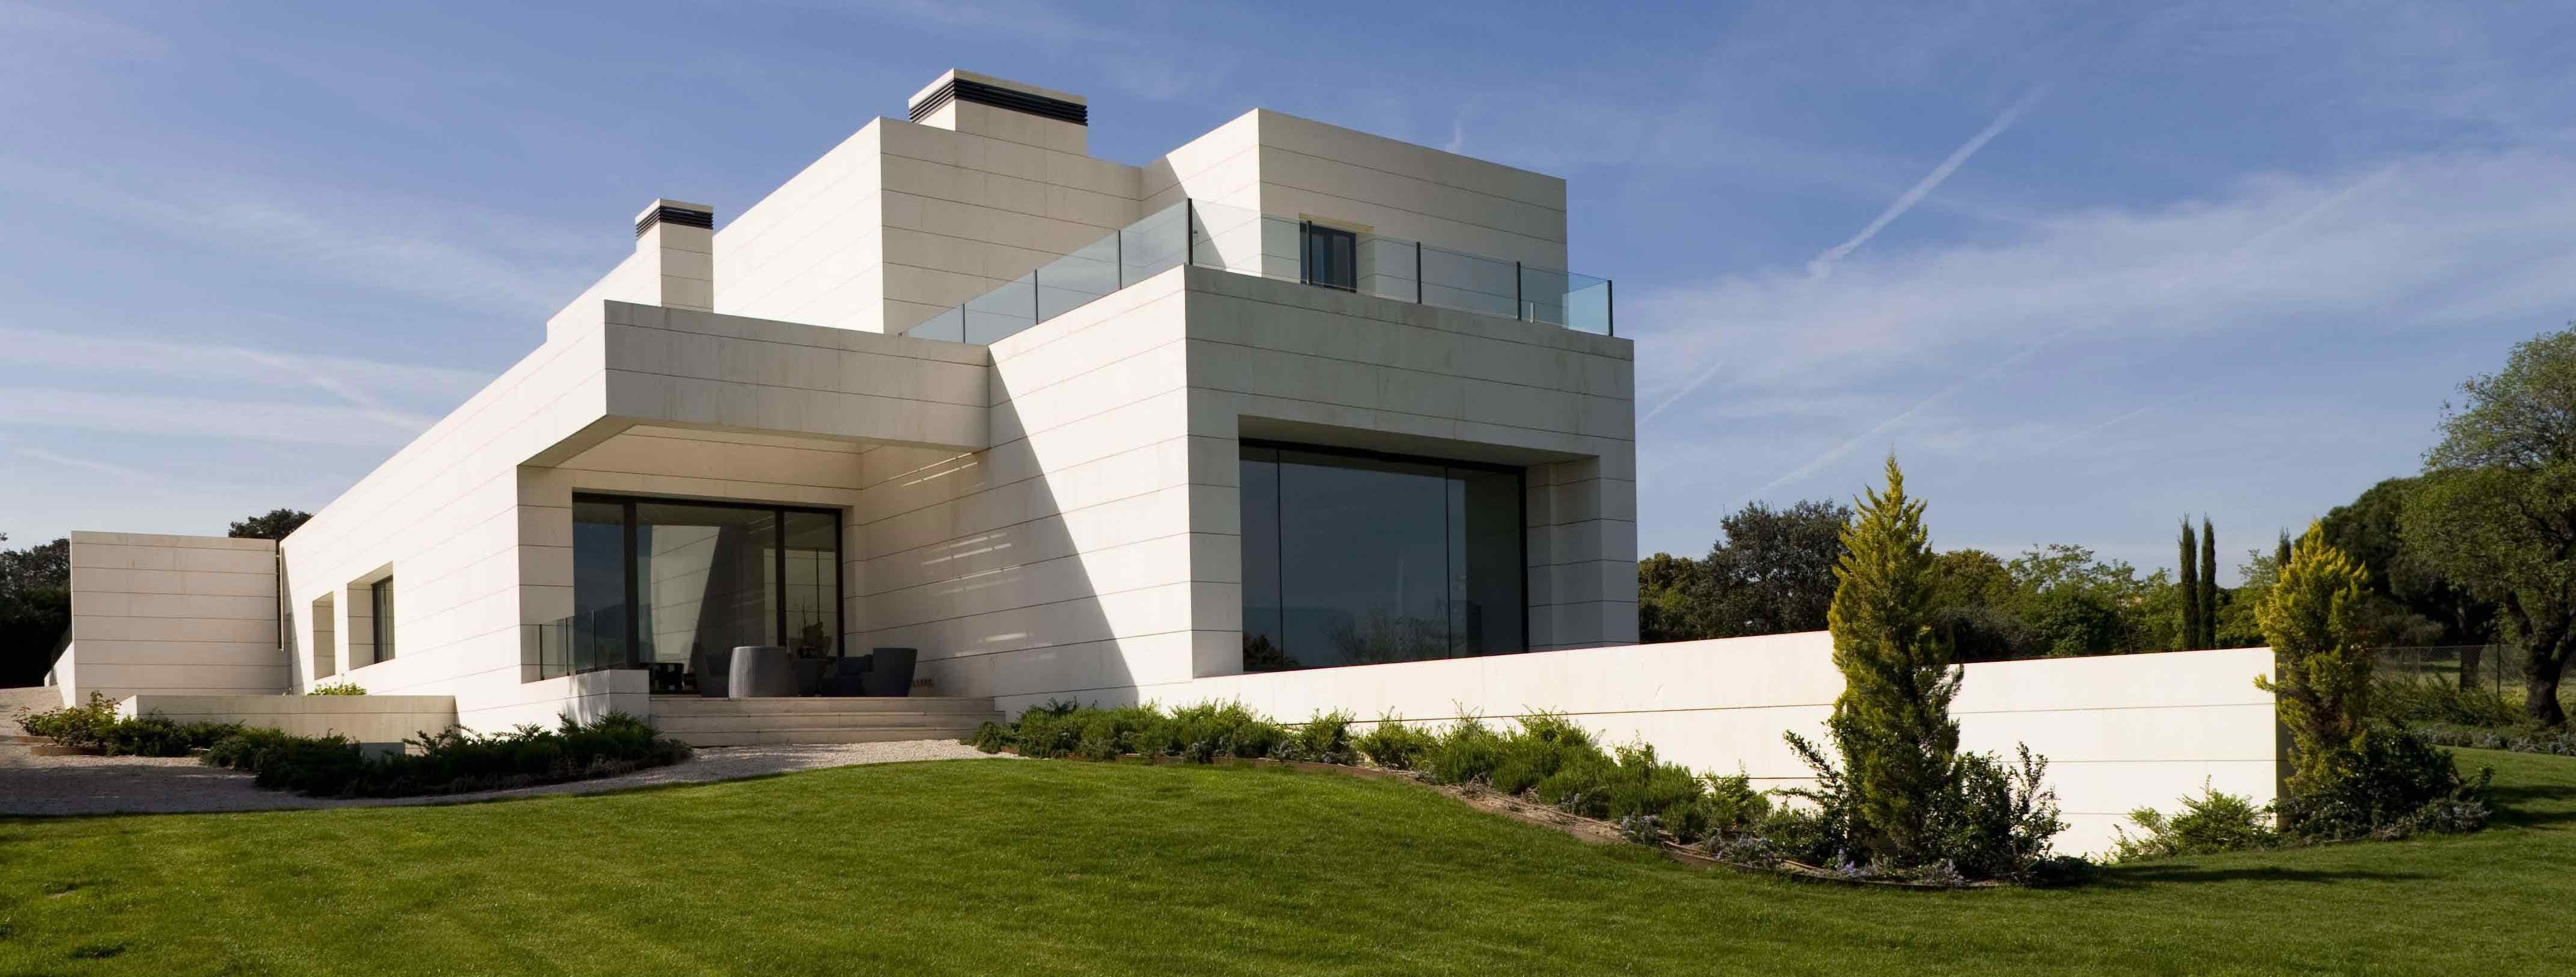 La casa de danilo en madrid el brasile o elige lagos ii for Casas en la finca